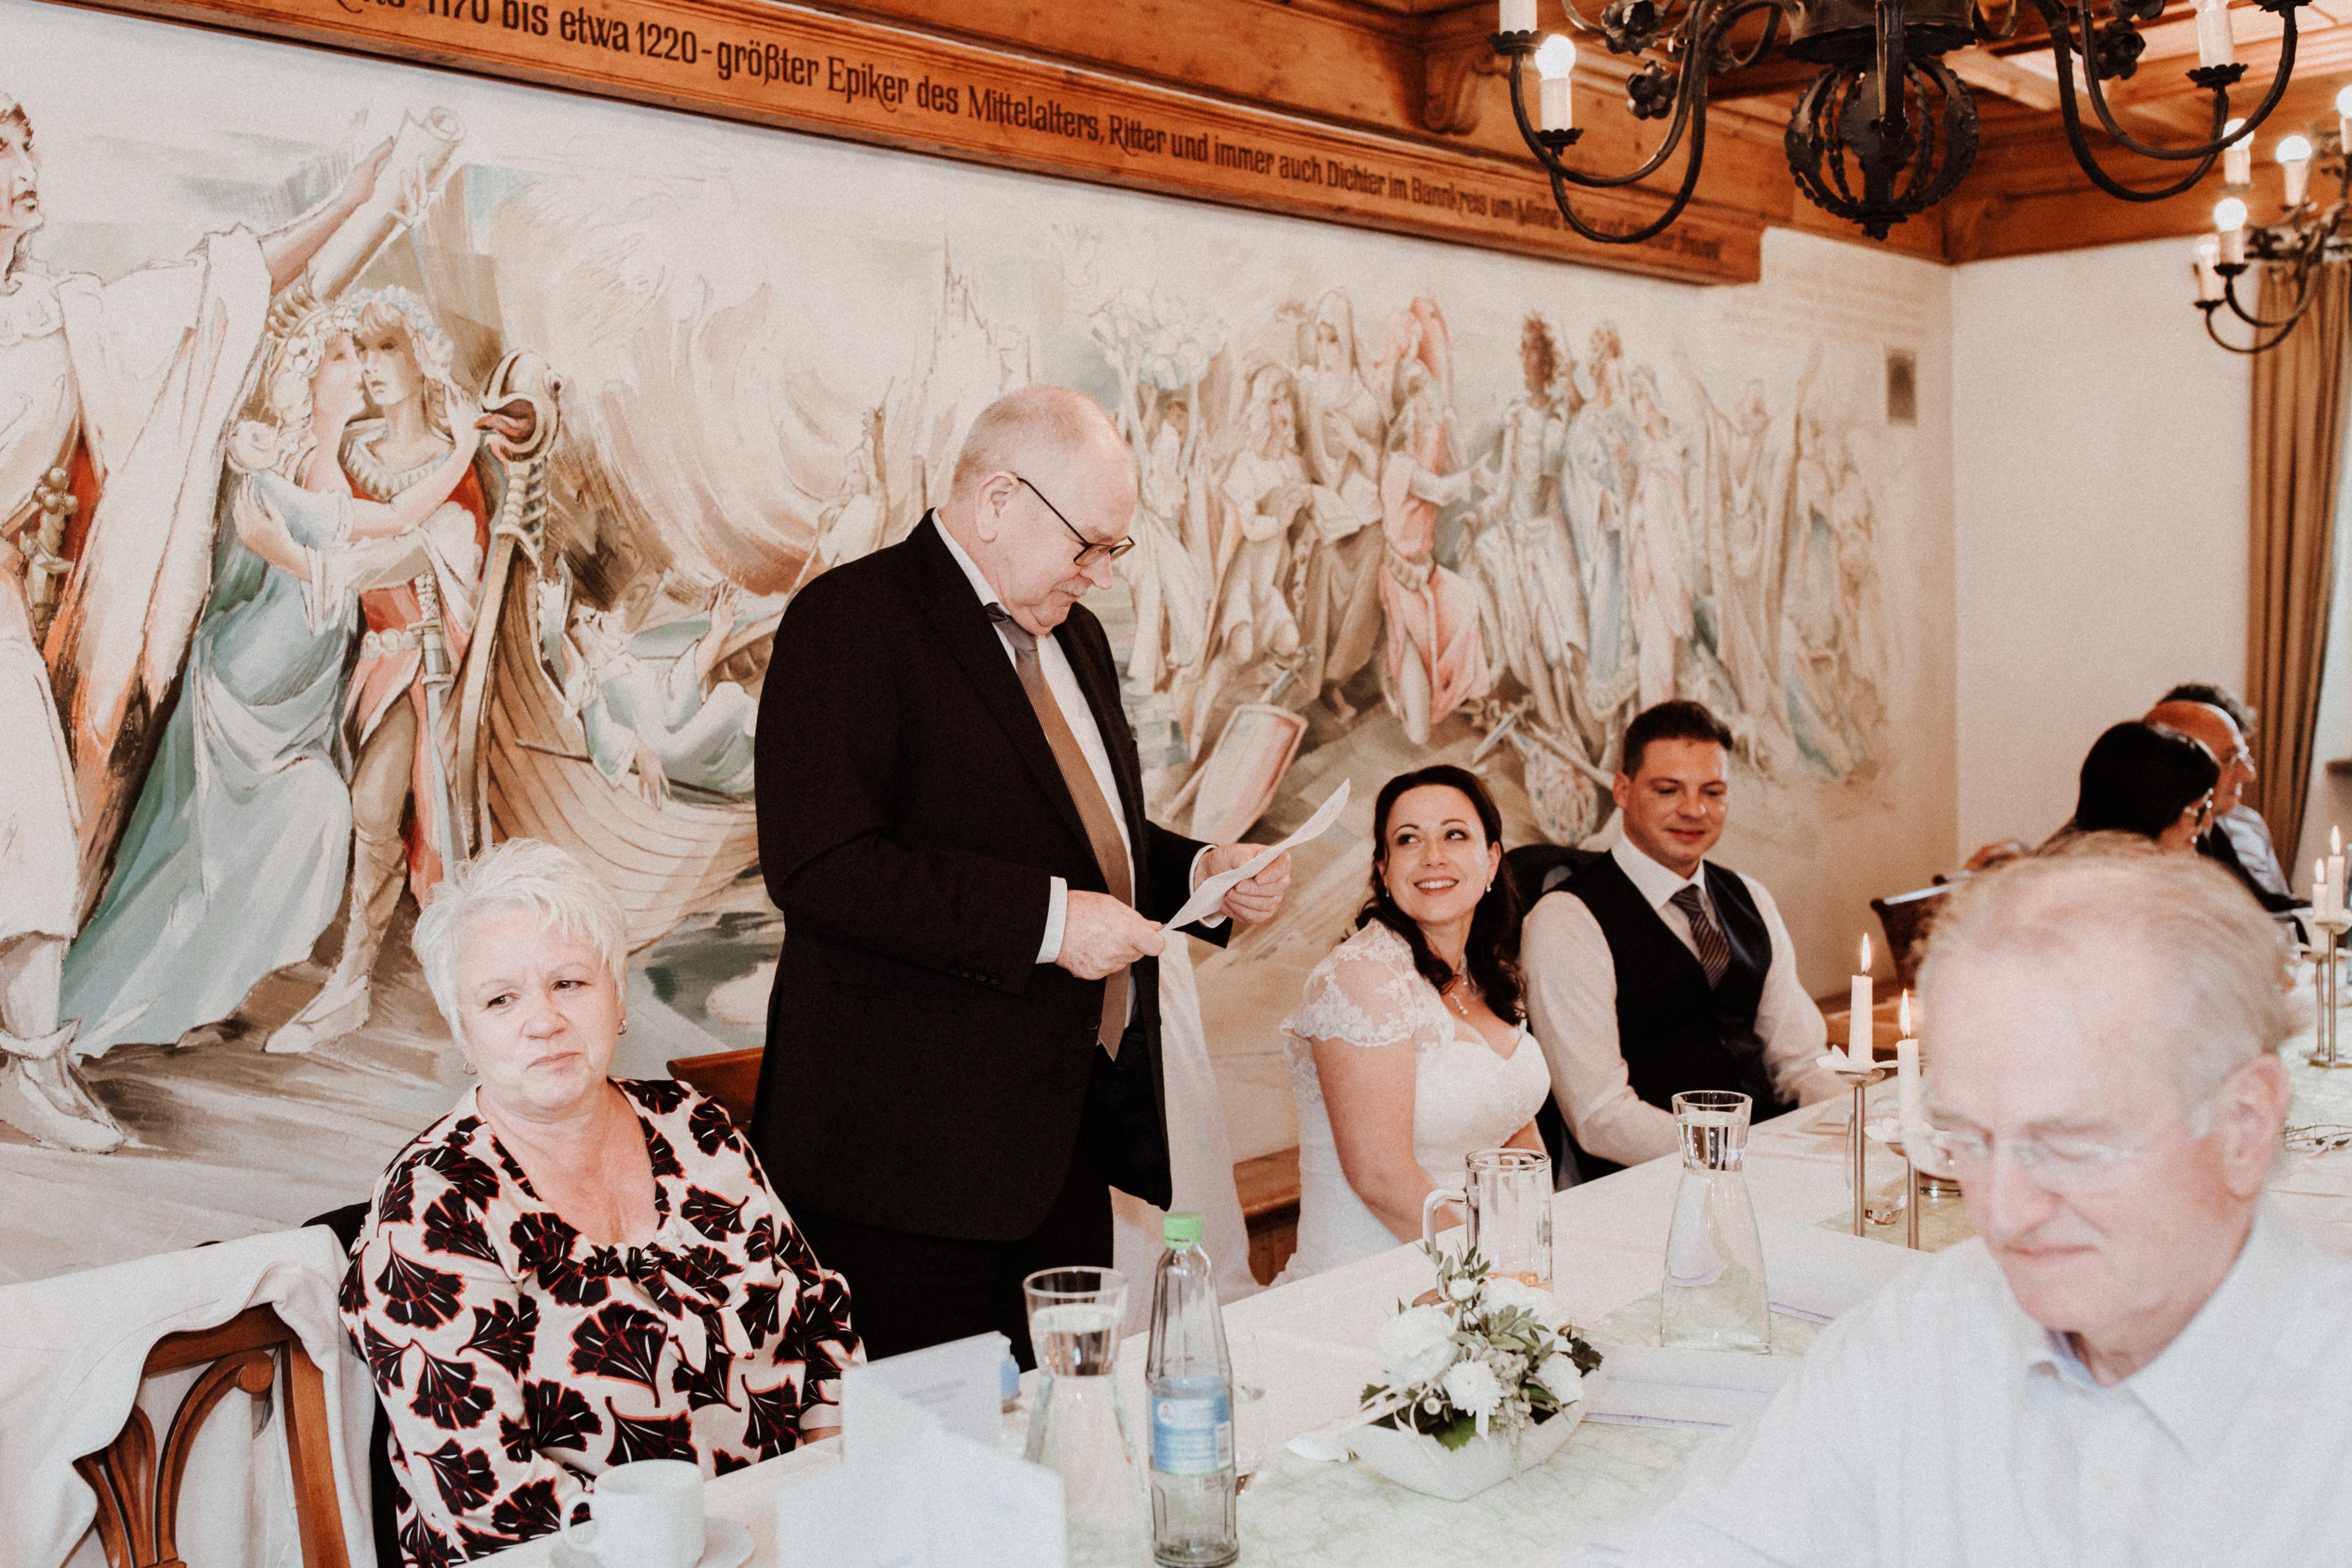 URBANERIE_Daniela_Goth_Hochzeitsfotografin_Nürnberg_Fürth_Erlangen_Schwabach_171007_1134